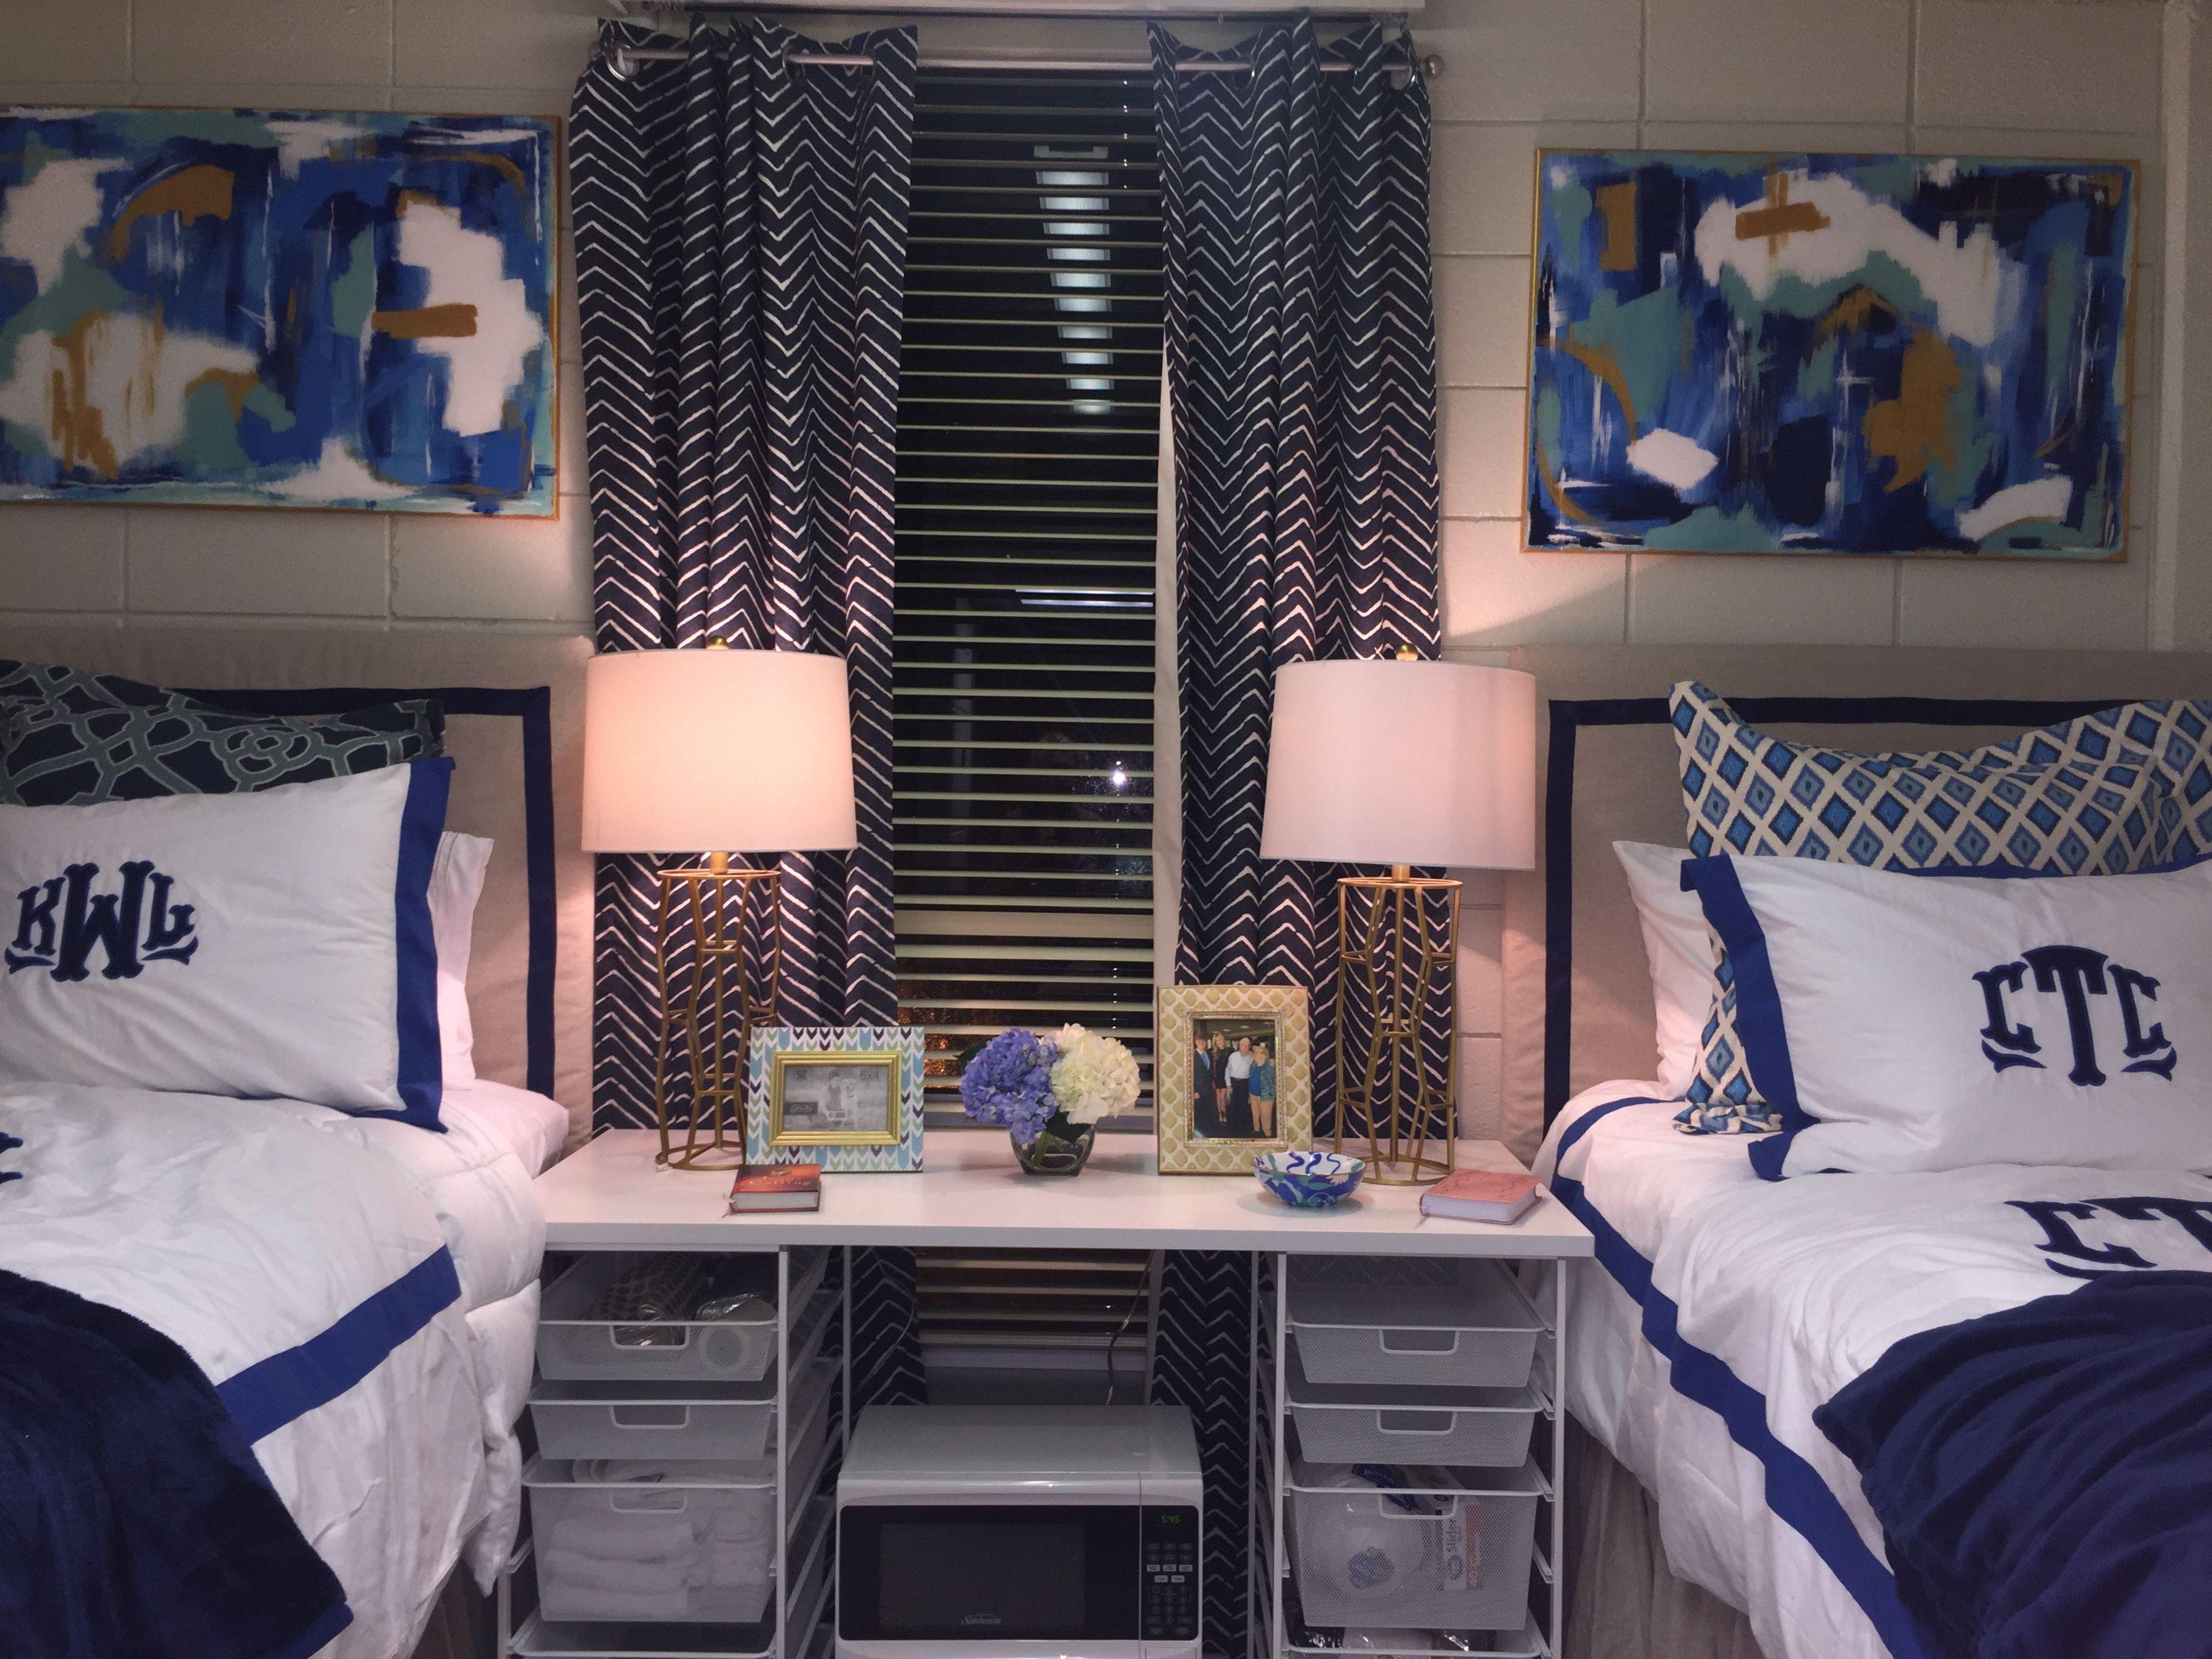 miller hall, lsu   dorm   pinterest   dorm, college and dorm room